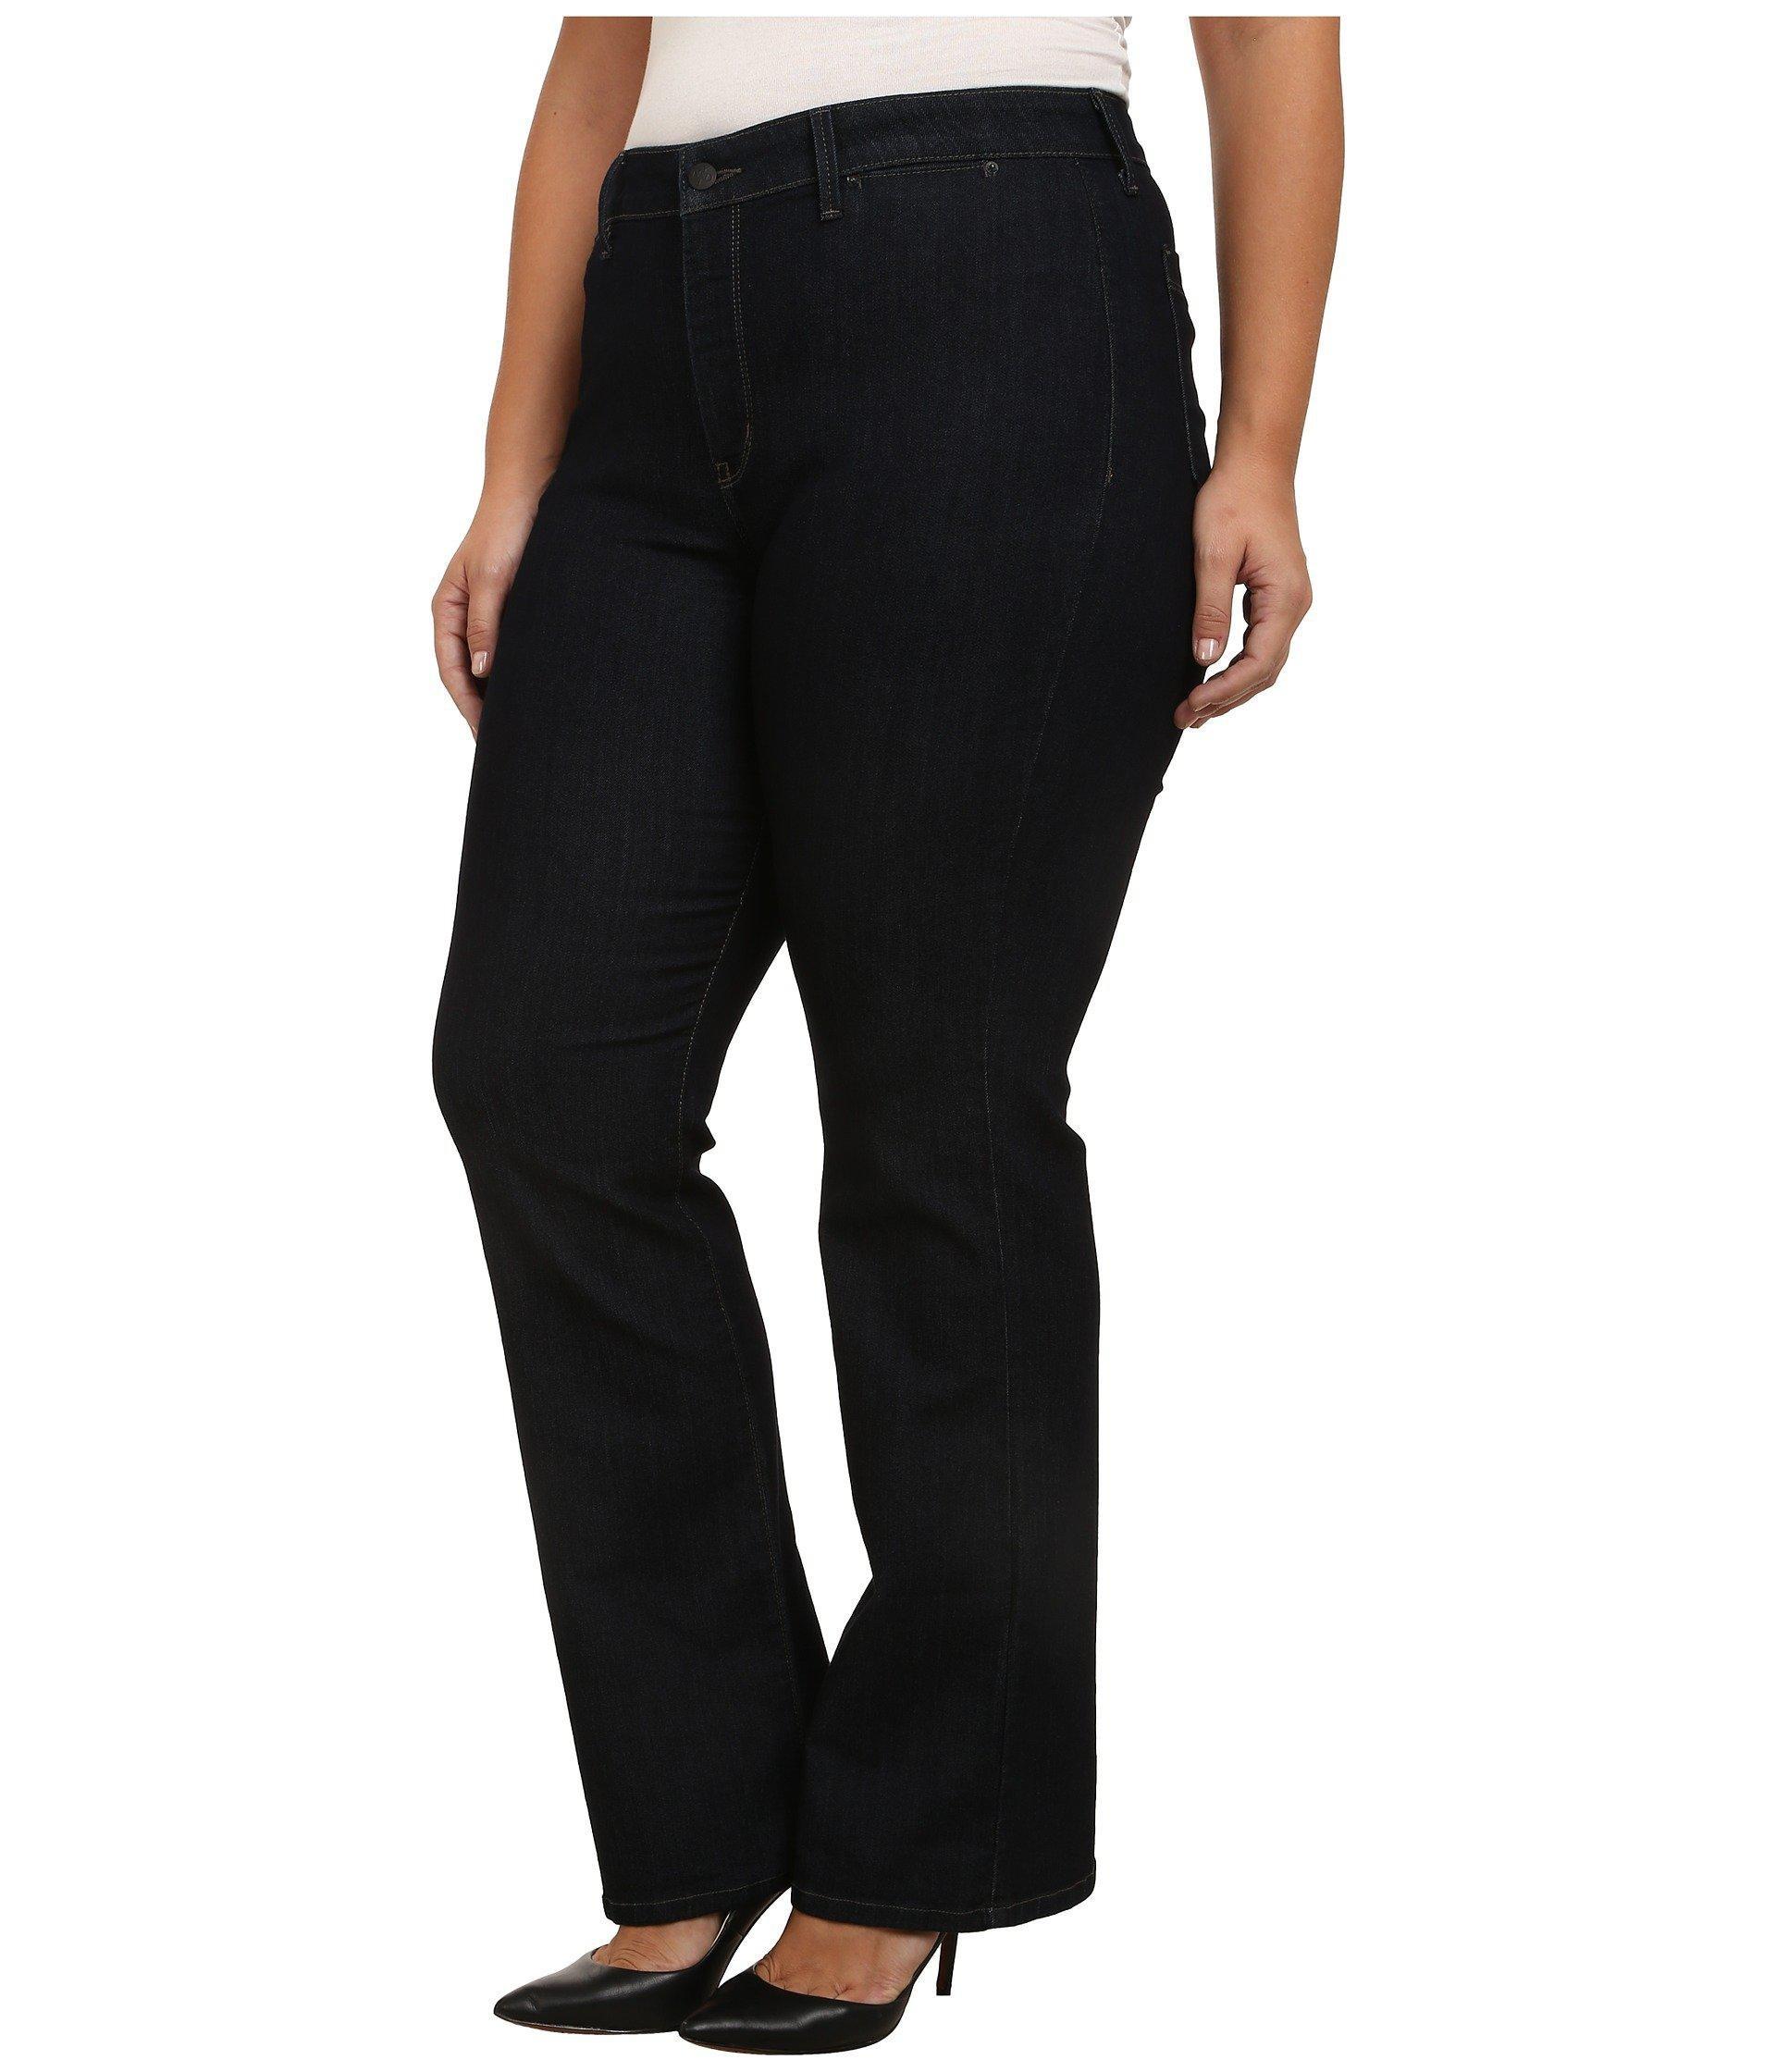 35a7b3f99797f Lyst - NYDJ Plus Size Isabella Trouser In Dark Enzyme (dark Enzyme) Women s  Jeans in Black